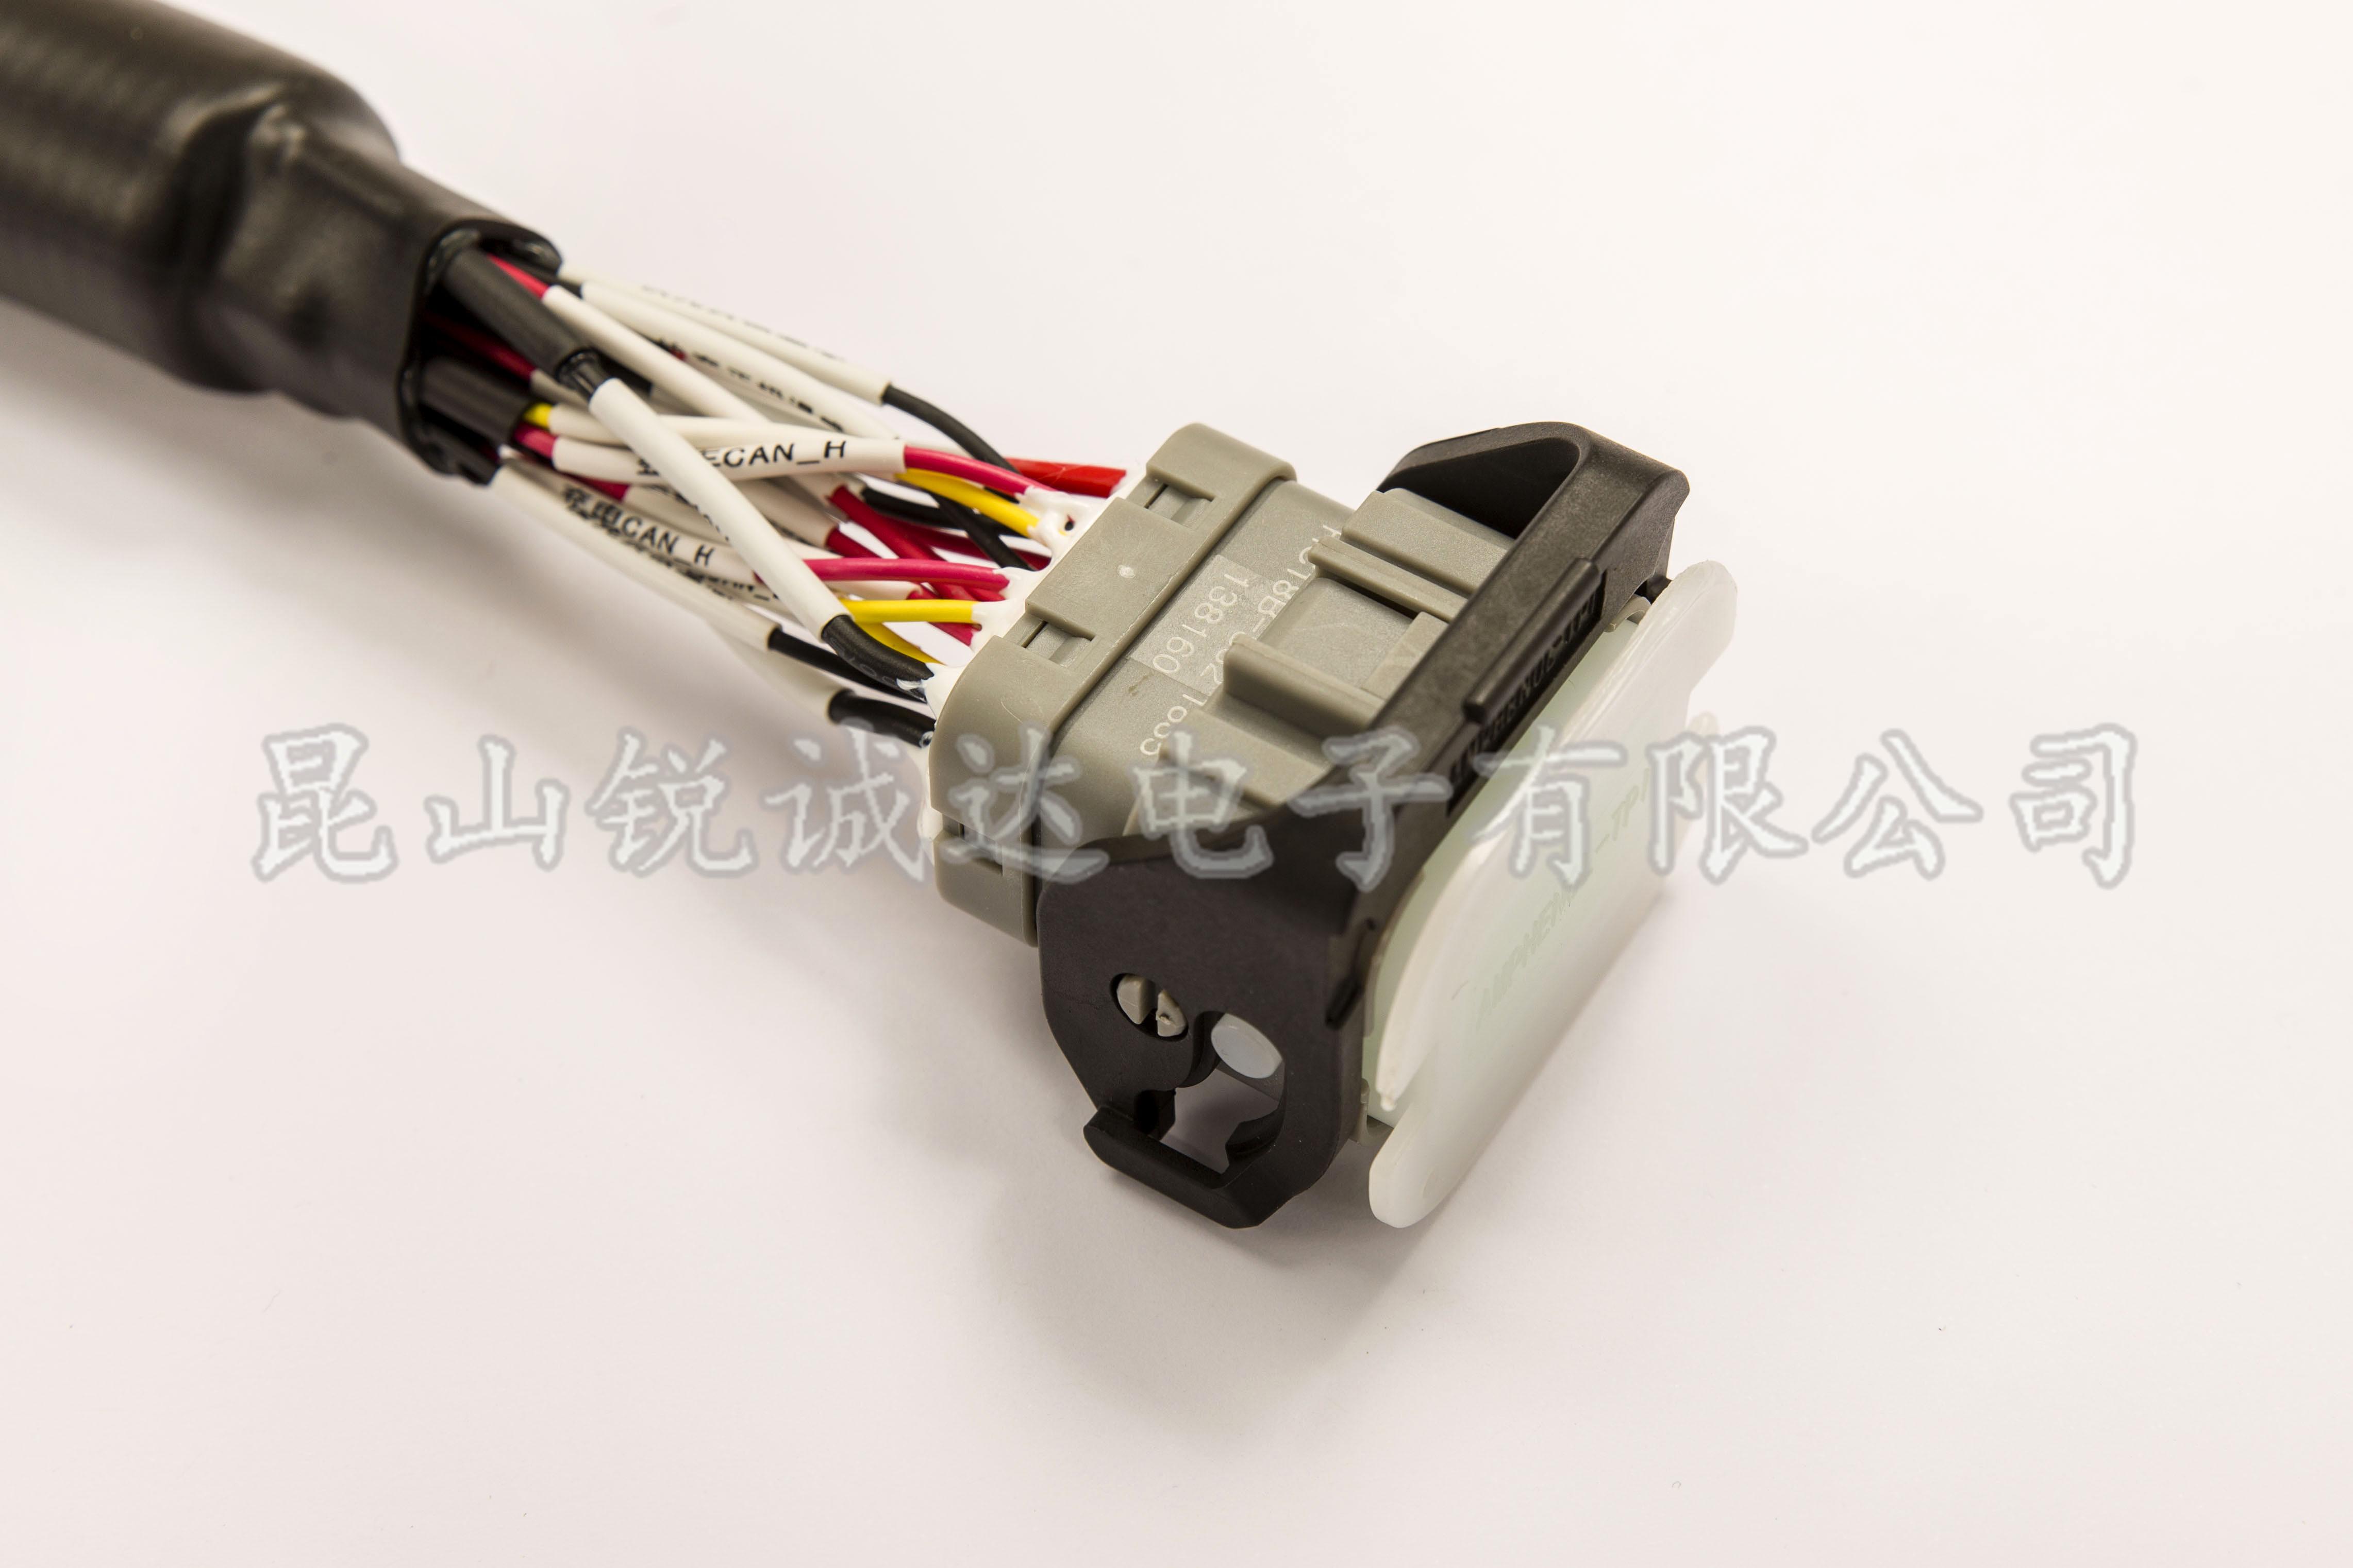 江蘇專業控制器線束制造廠家 歡迎咨詢 銳誠達供